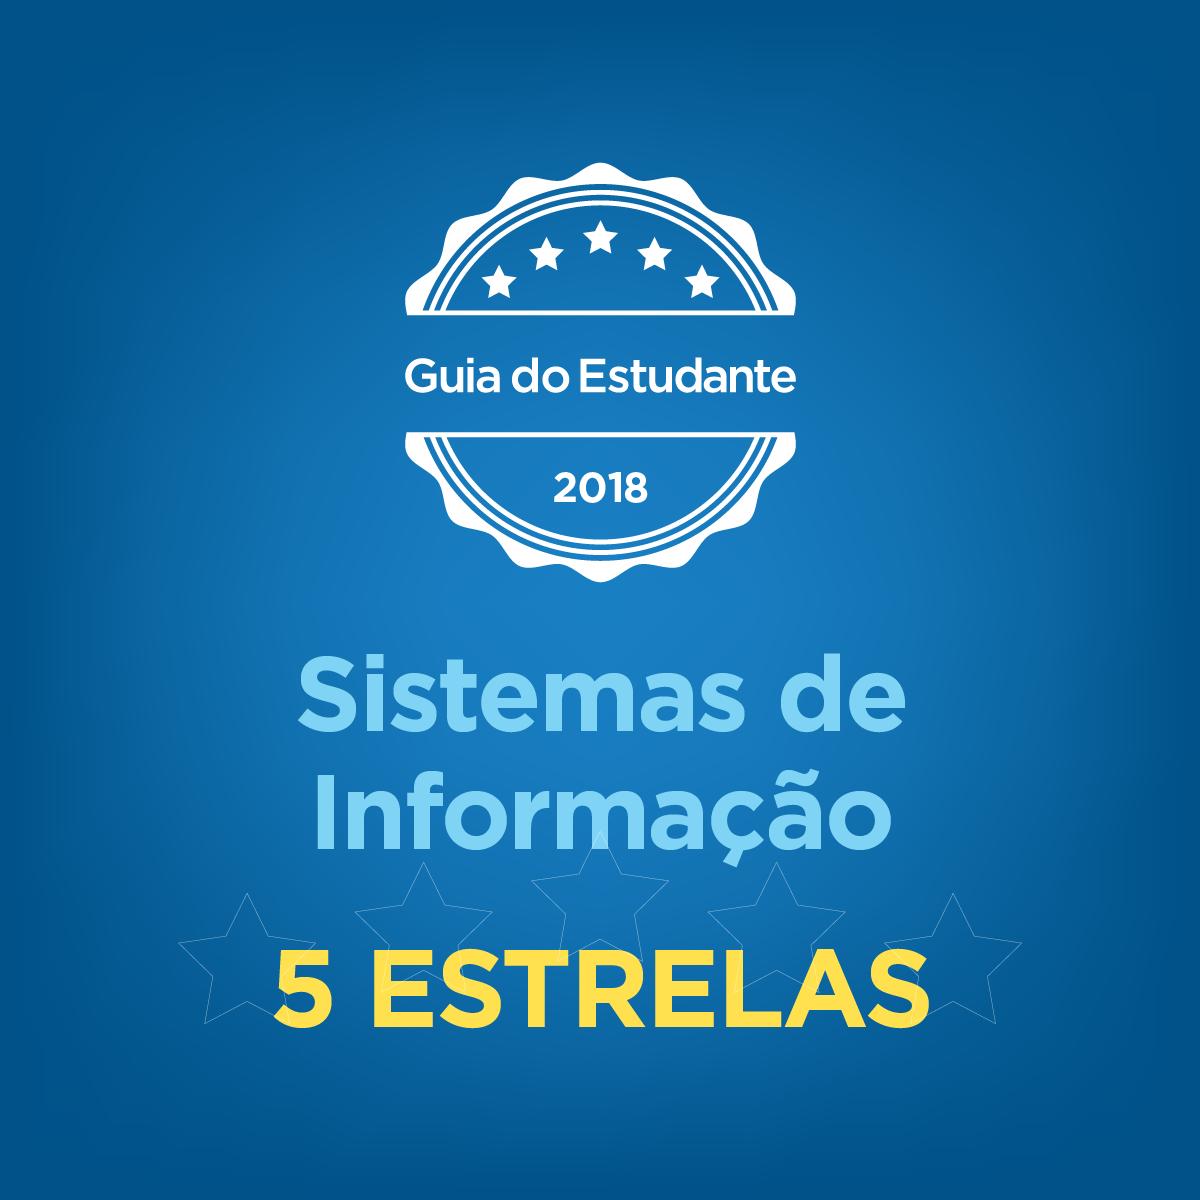 Guia do Estudante - Sistemas de Informação